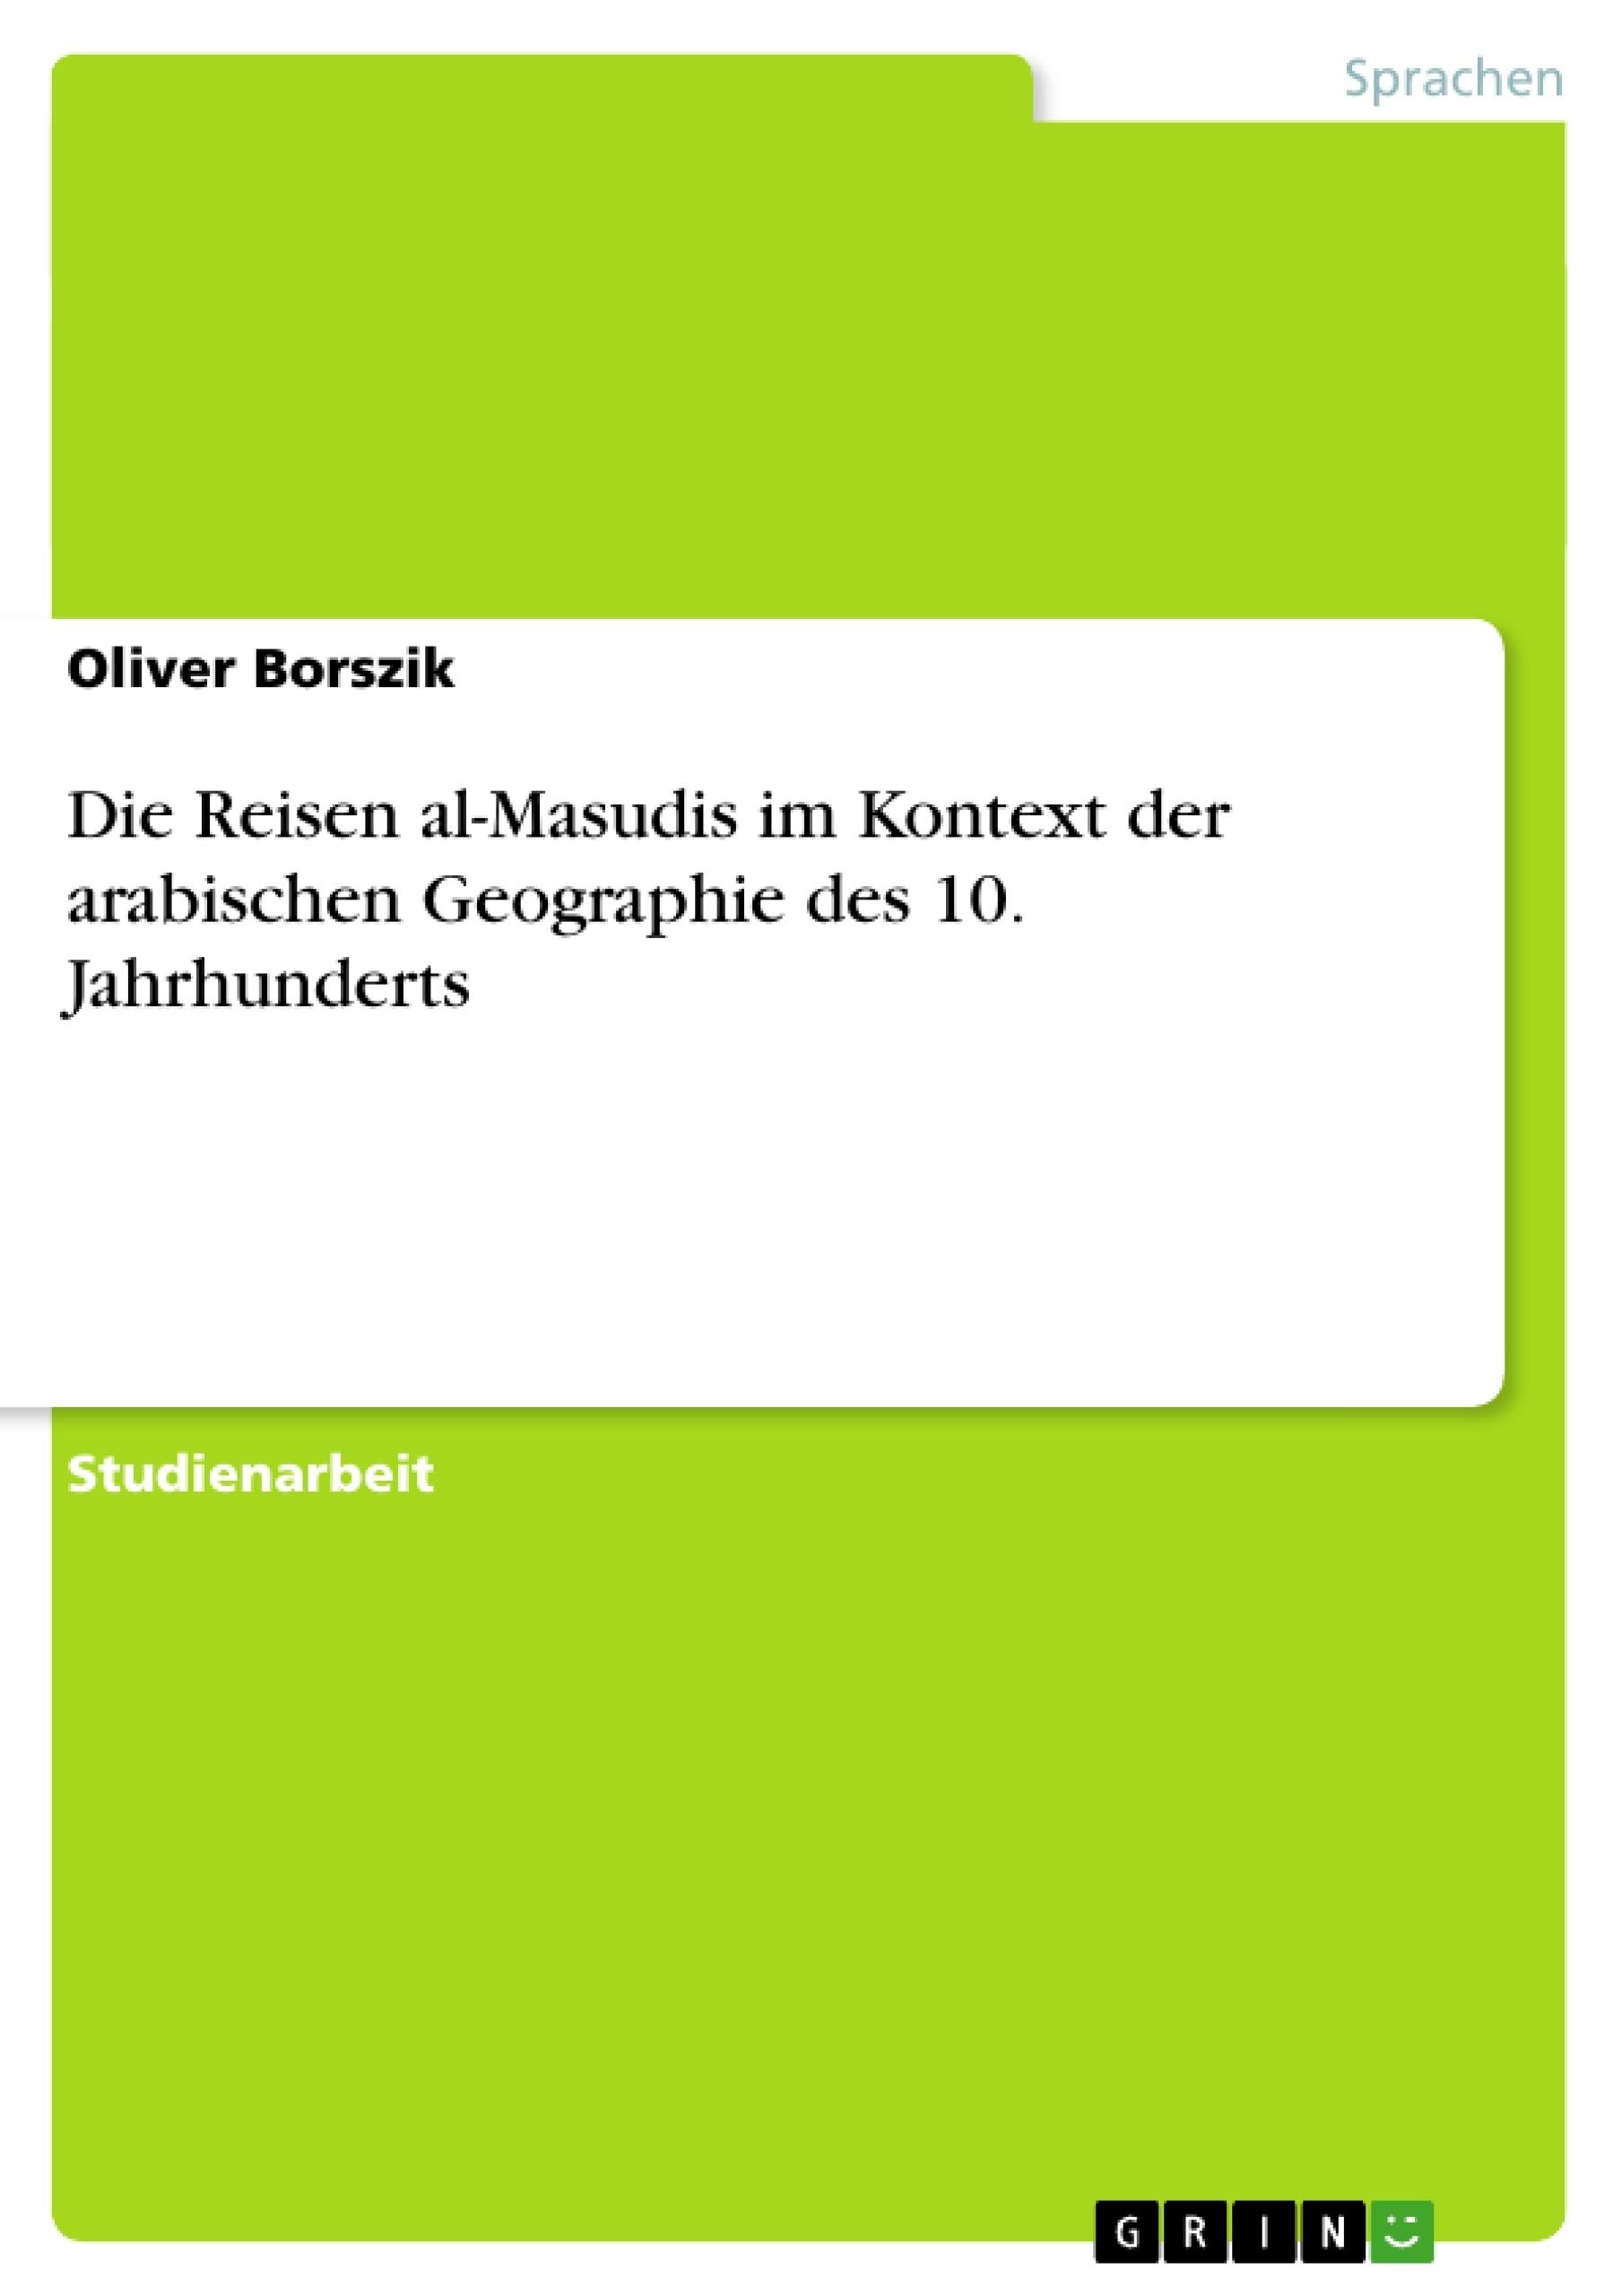 Titel: Die Reisen al-Masudis im Kontext der arabischen Geographie des 10. Jahrhunderts